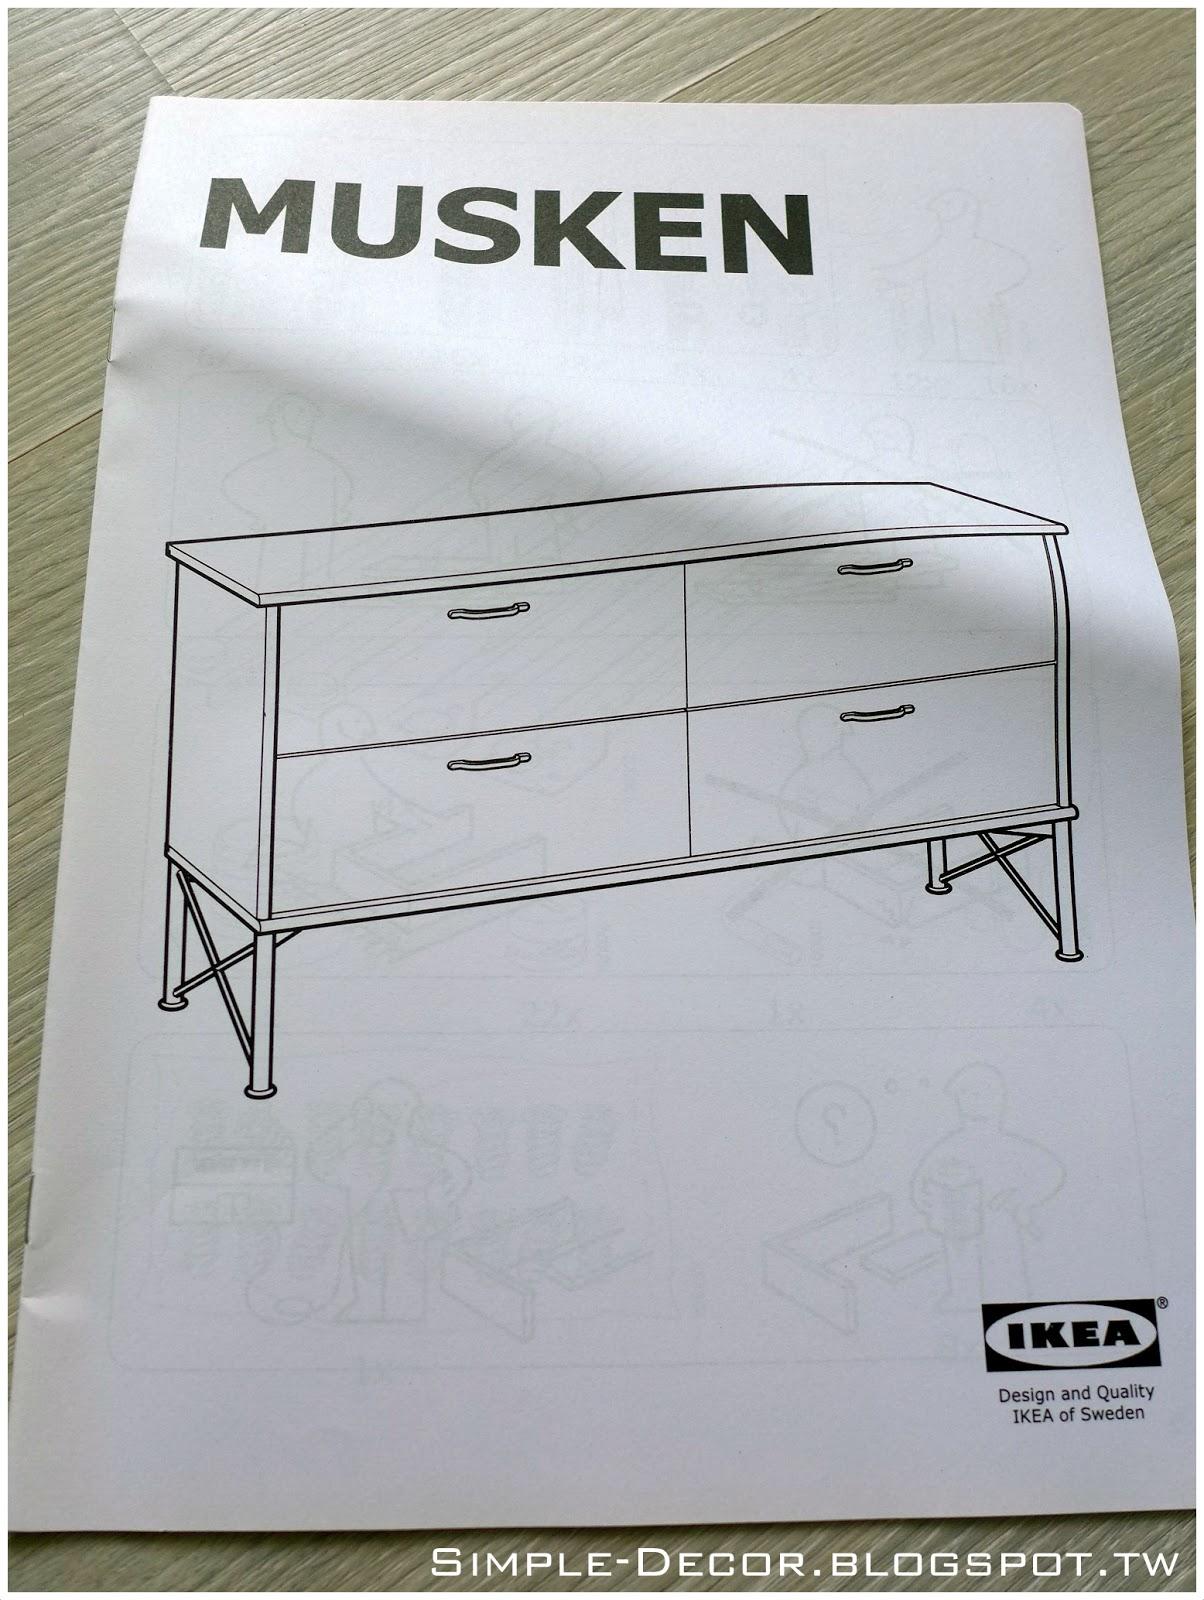 Simple Decor: 家具組裝 | IKEA | MUSKEN。白色抽屜櫃/4抽(上)